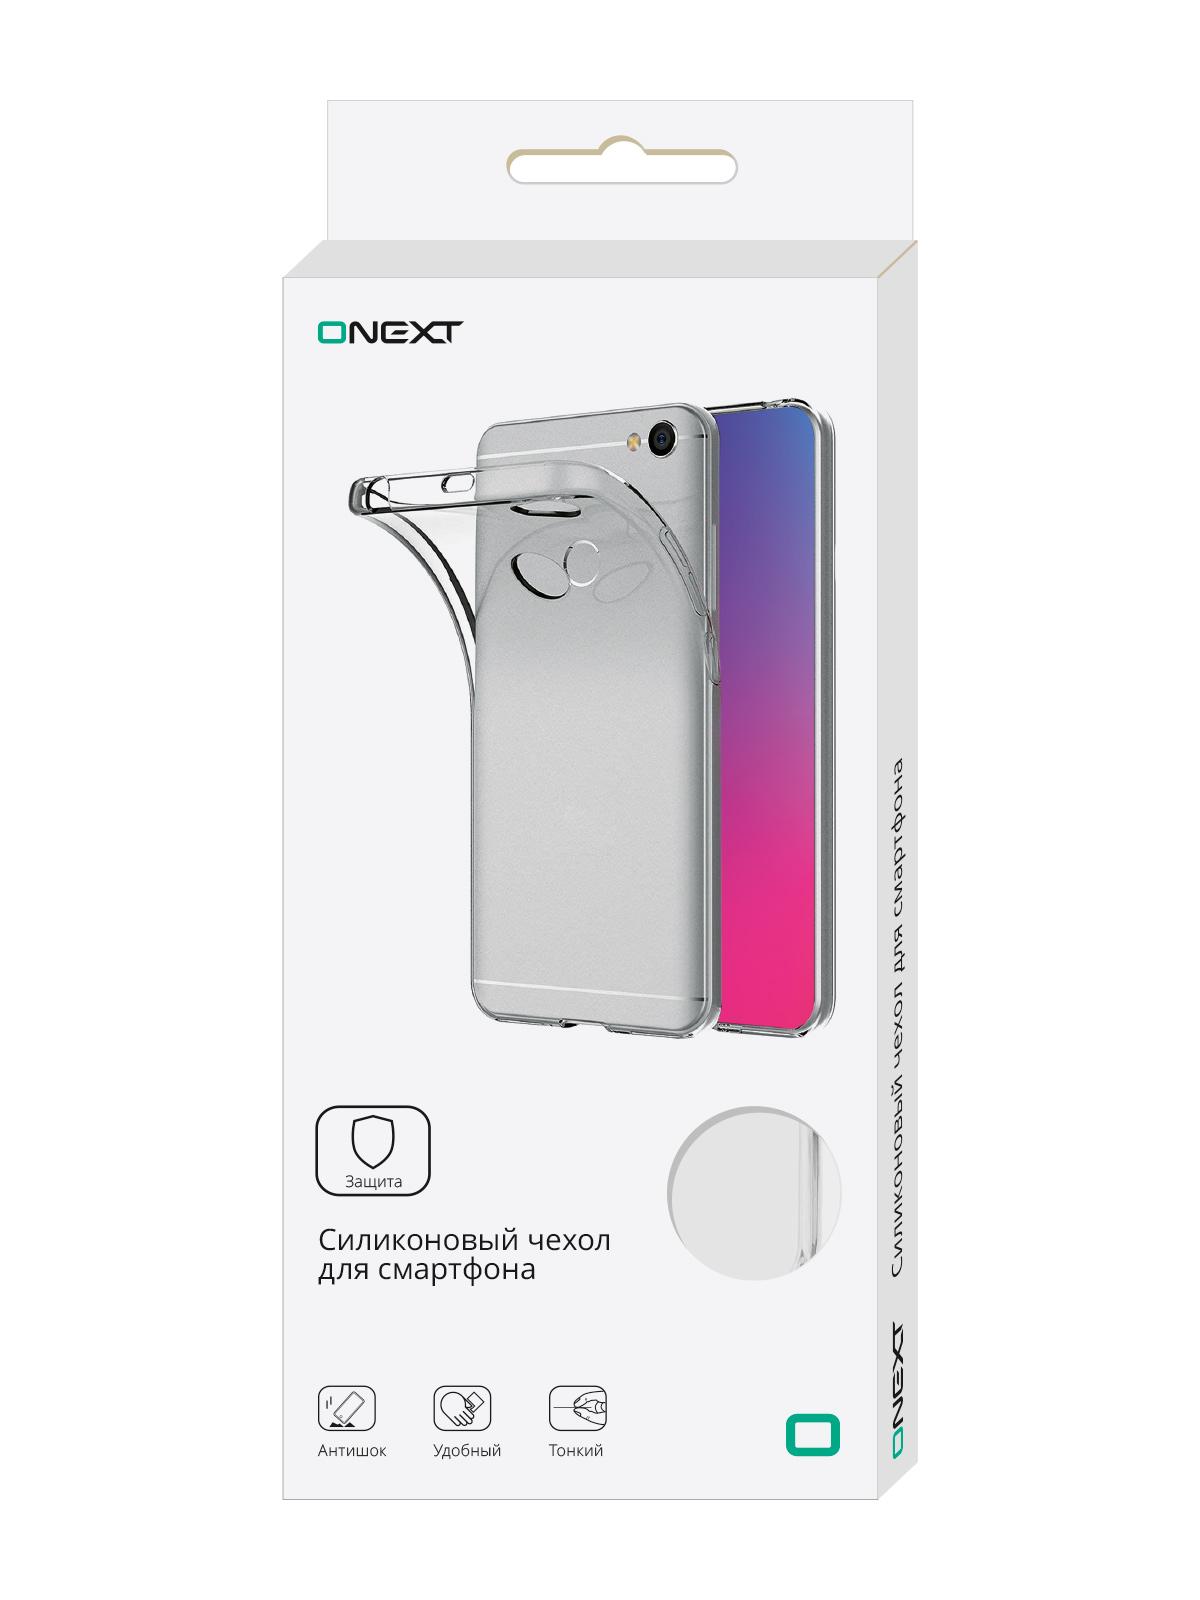 Чехол силиконовый Onext для телефона Asus Zenfone 4 Max ZC554KL Transparen